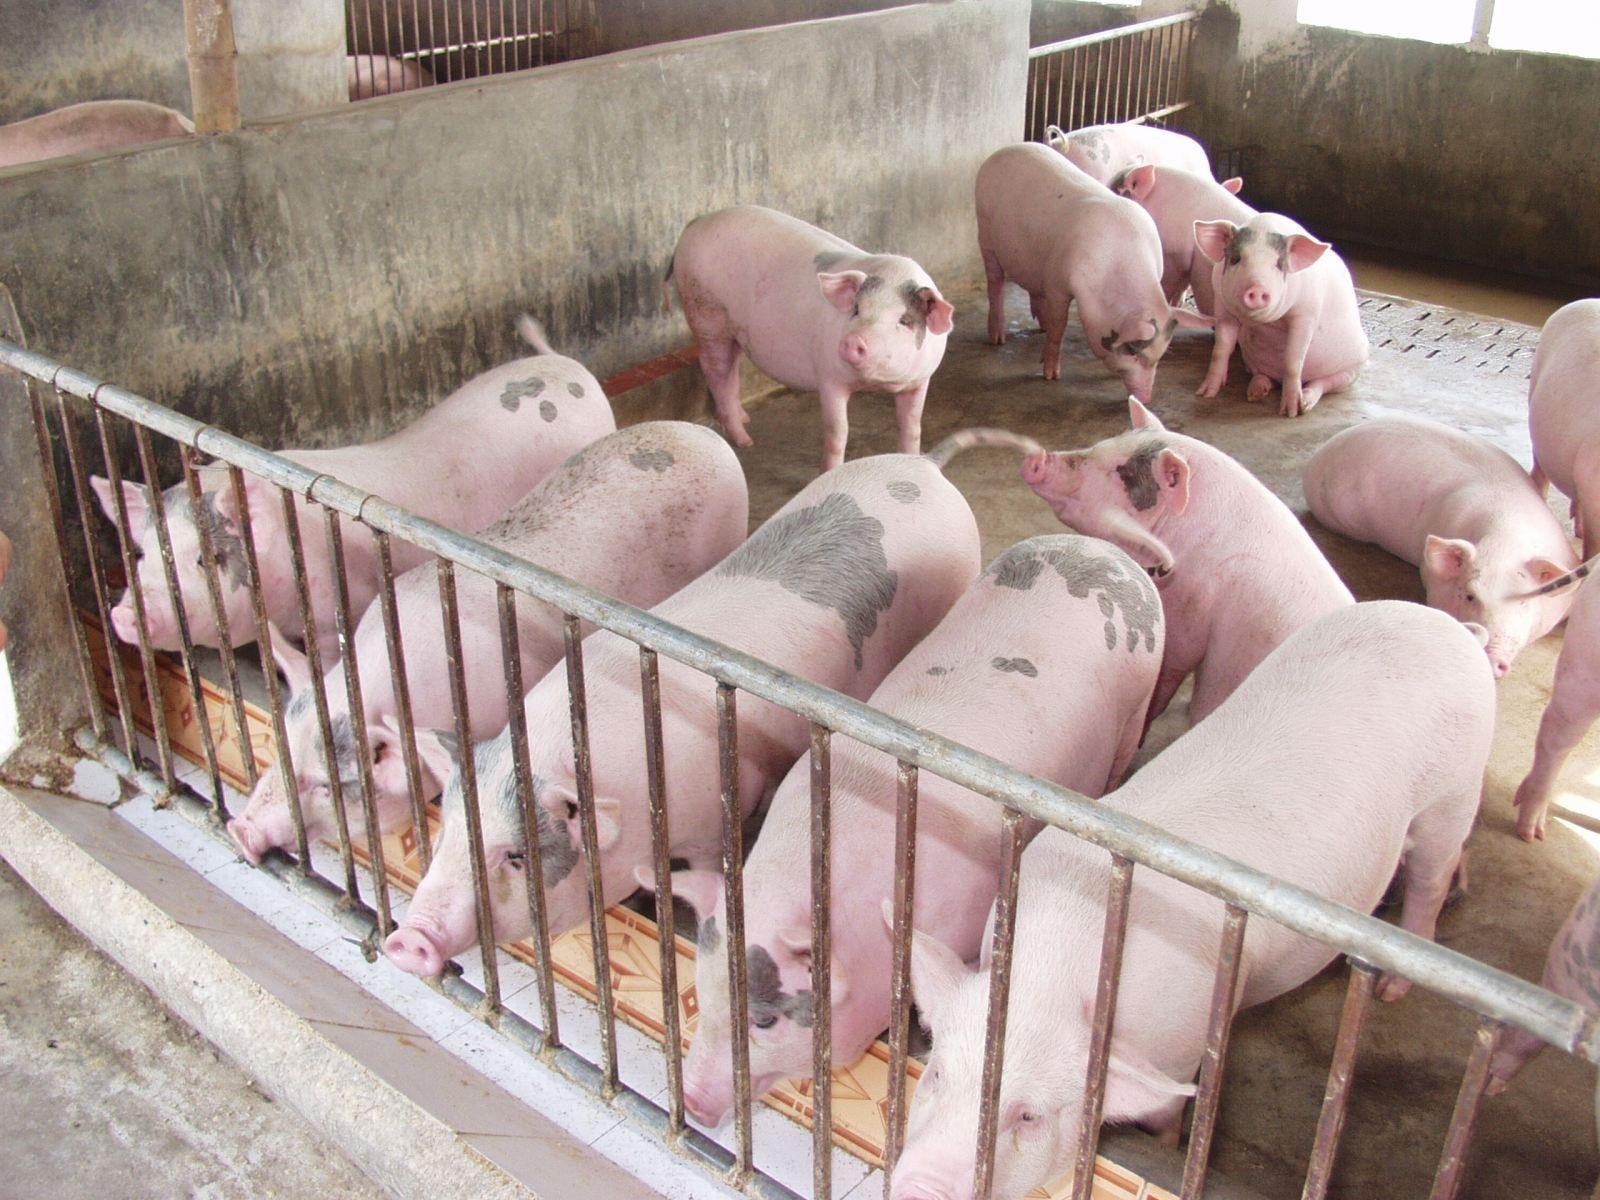 Chất tạo nạc Salbultamol đã giảm trong chăn nuôi (Ảnh minh họa internet).